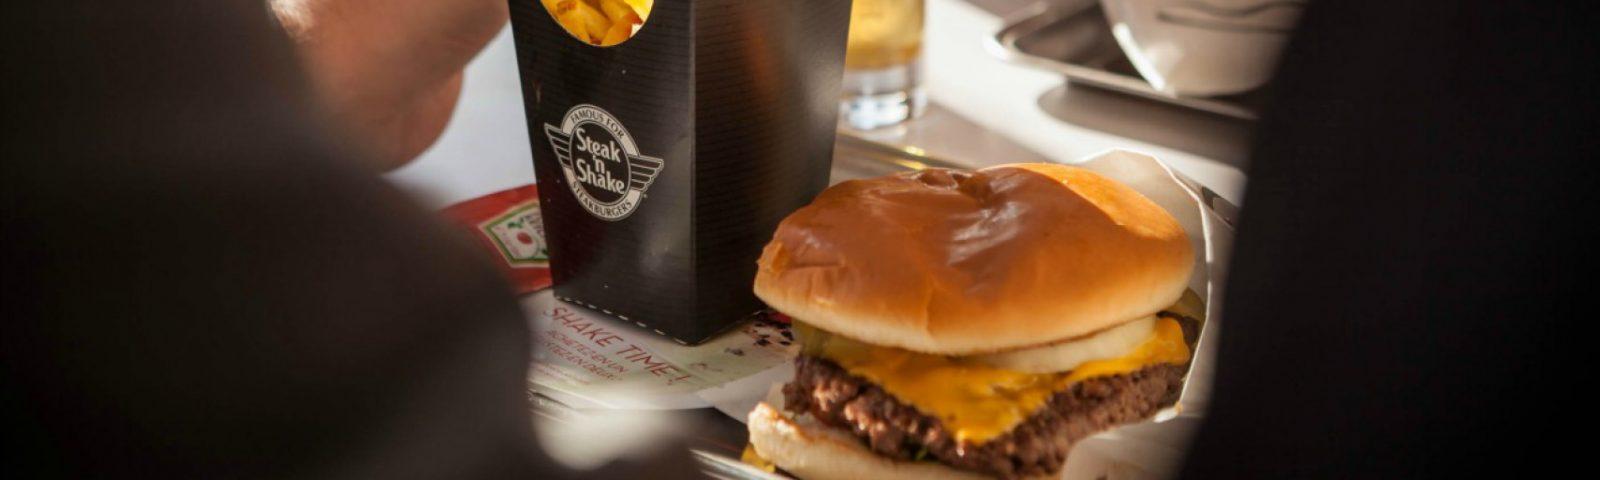 Steak 'n Shake chega a Portugal com planos para investir 2,5 M'